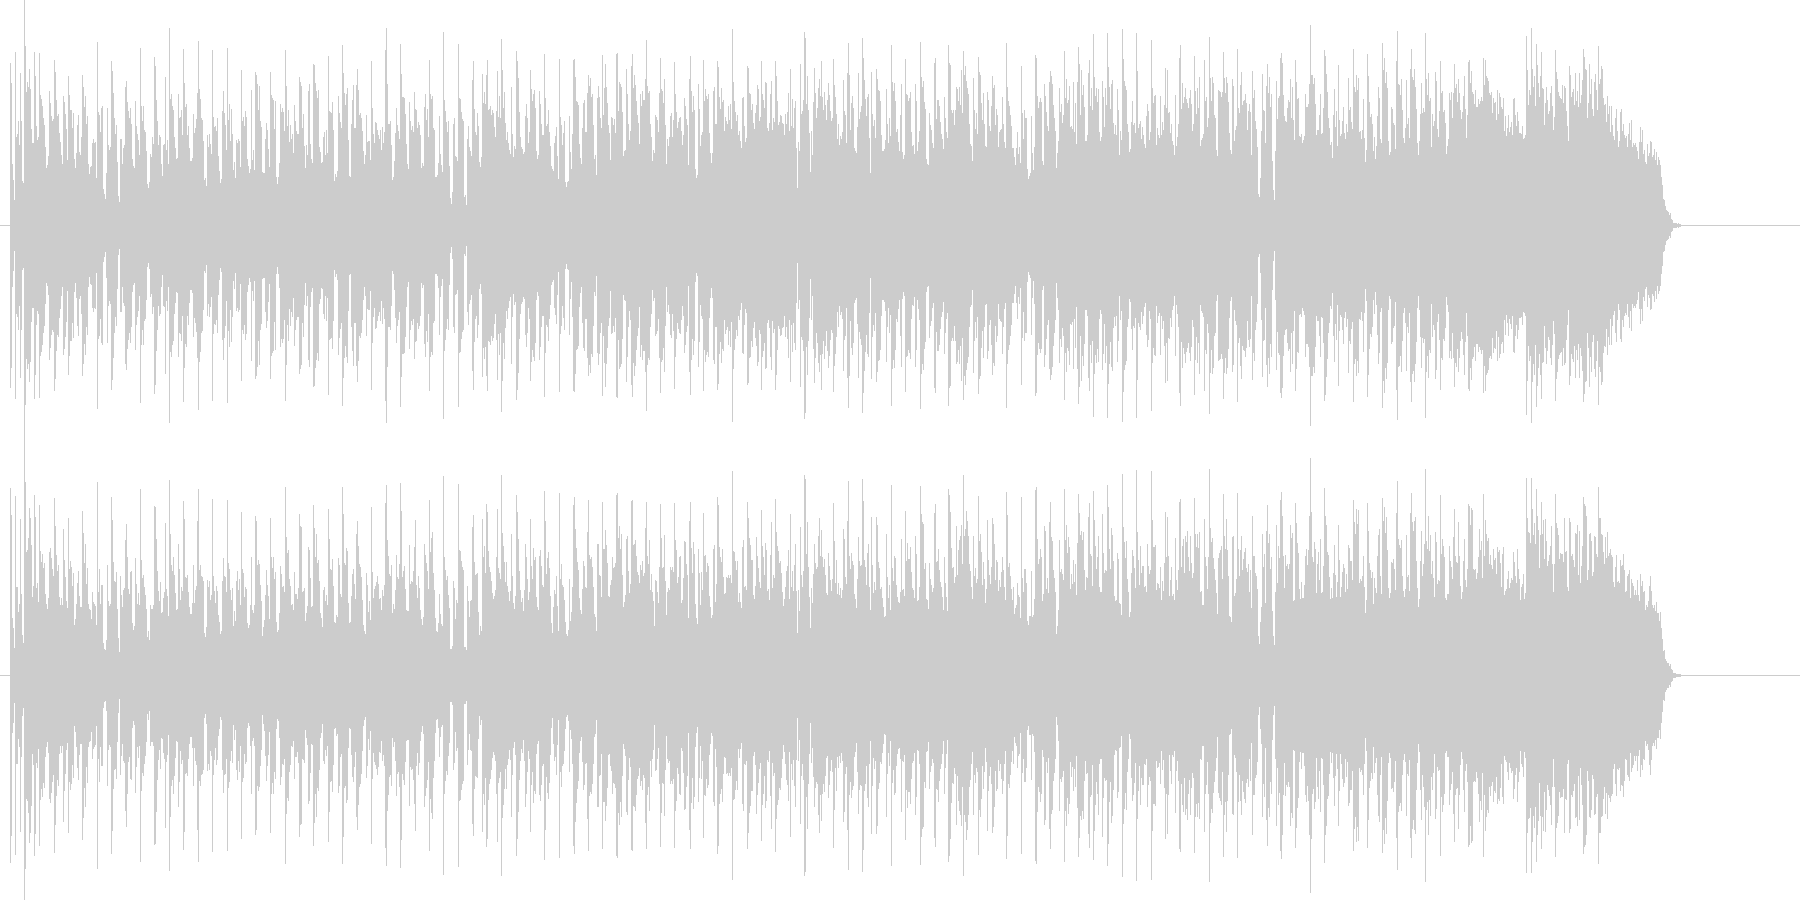 ブルージーなマイナーシャッフルロックの未再生の波形